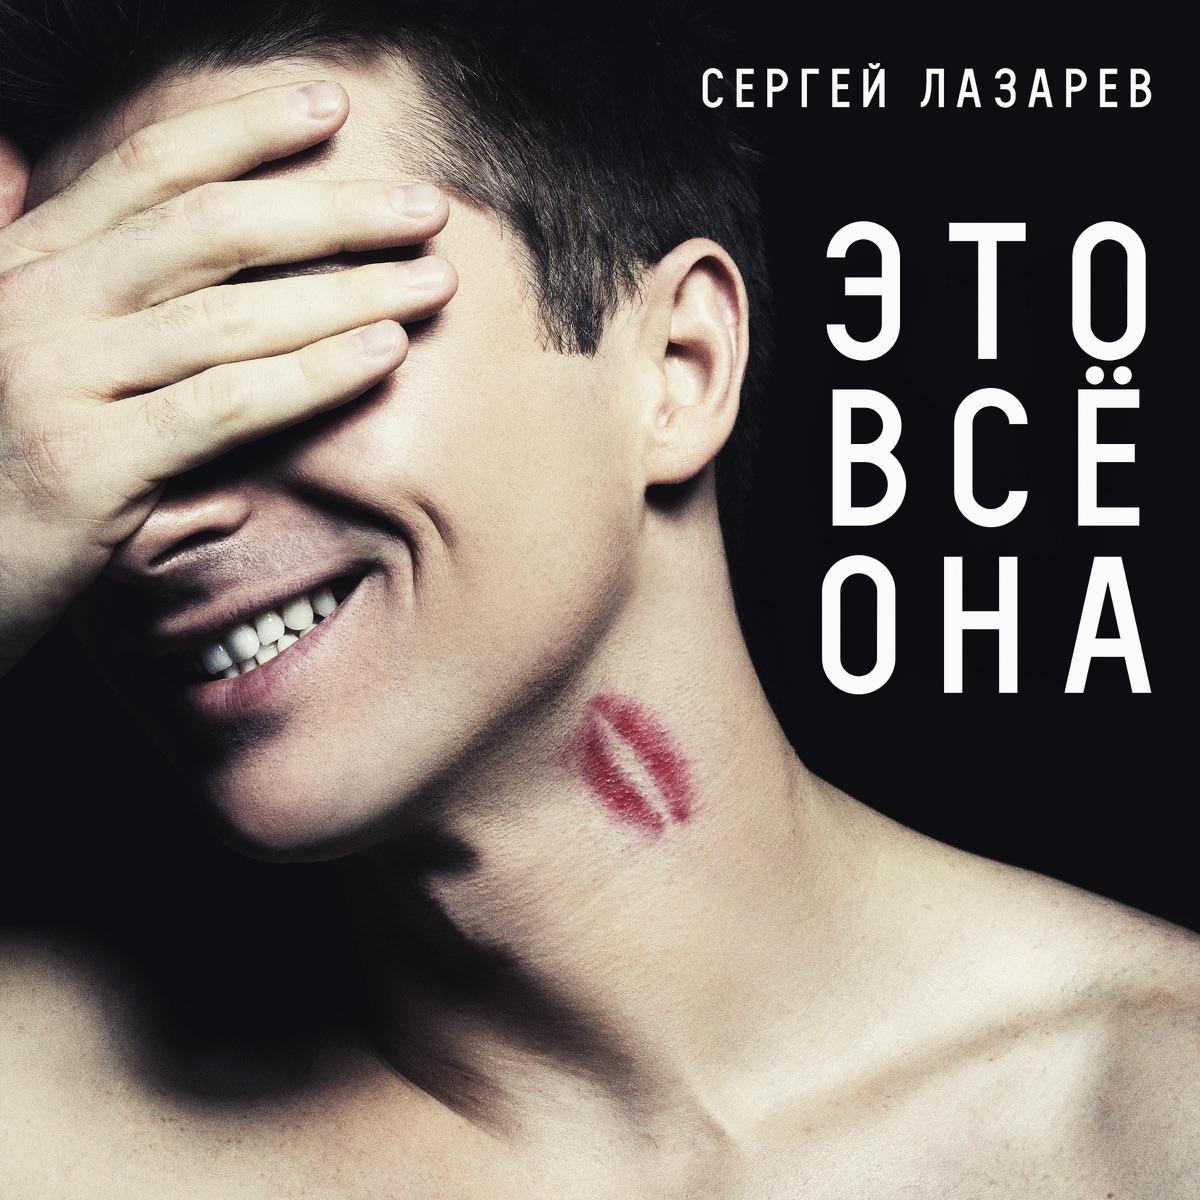 ПЕСНИ 320 КБС ЛАЗАРЕВ-ЭТО ВСЕ ОНА СКАЧАТЬ БЕСПЛАТНО